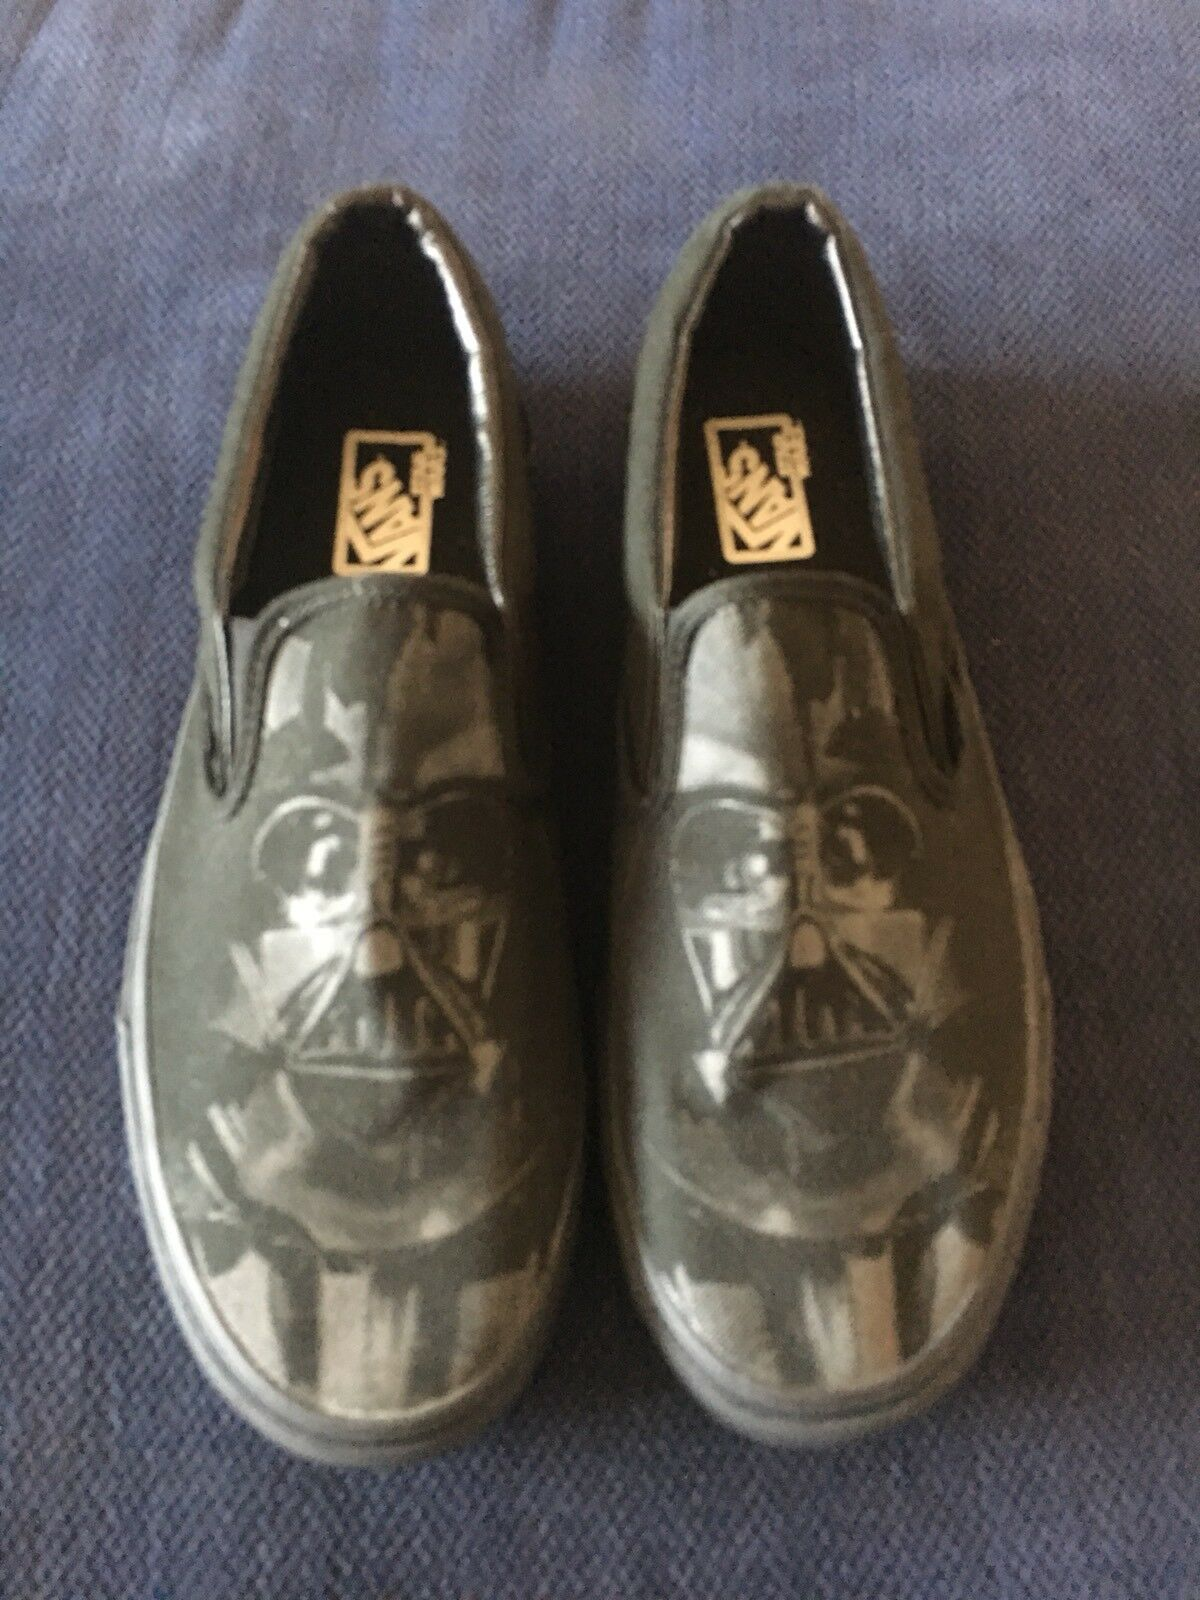 NWOT VANS Star Wars Darth Vader Men's shoes Size 10